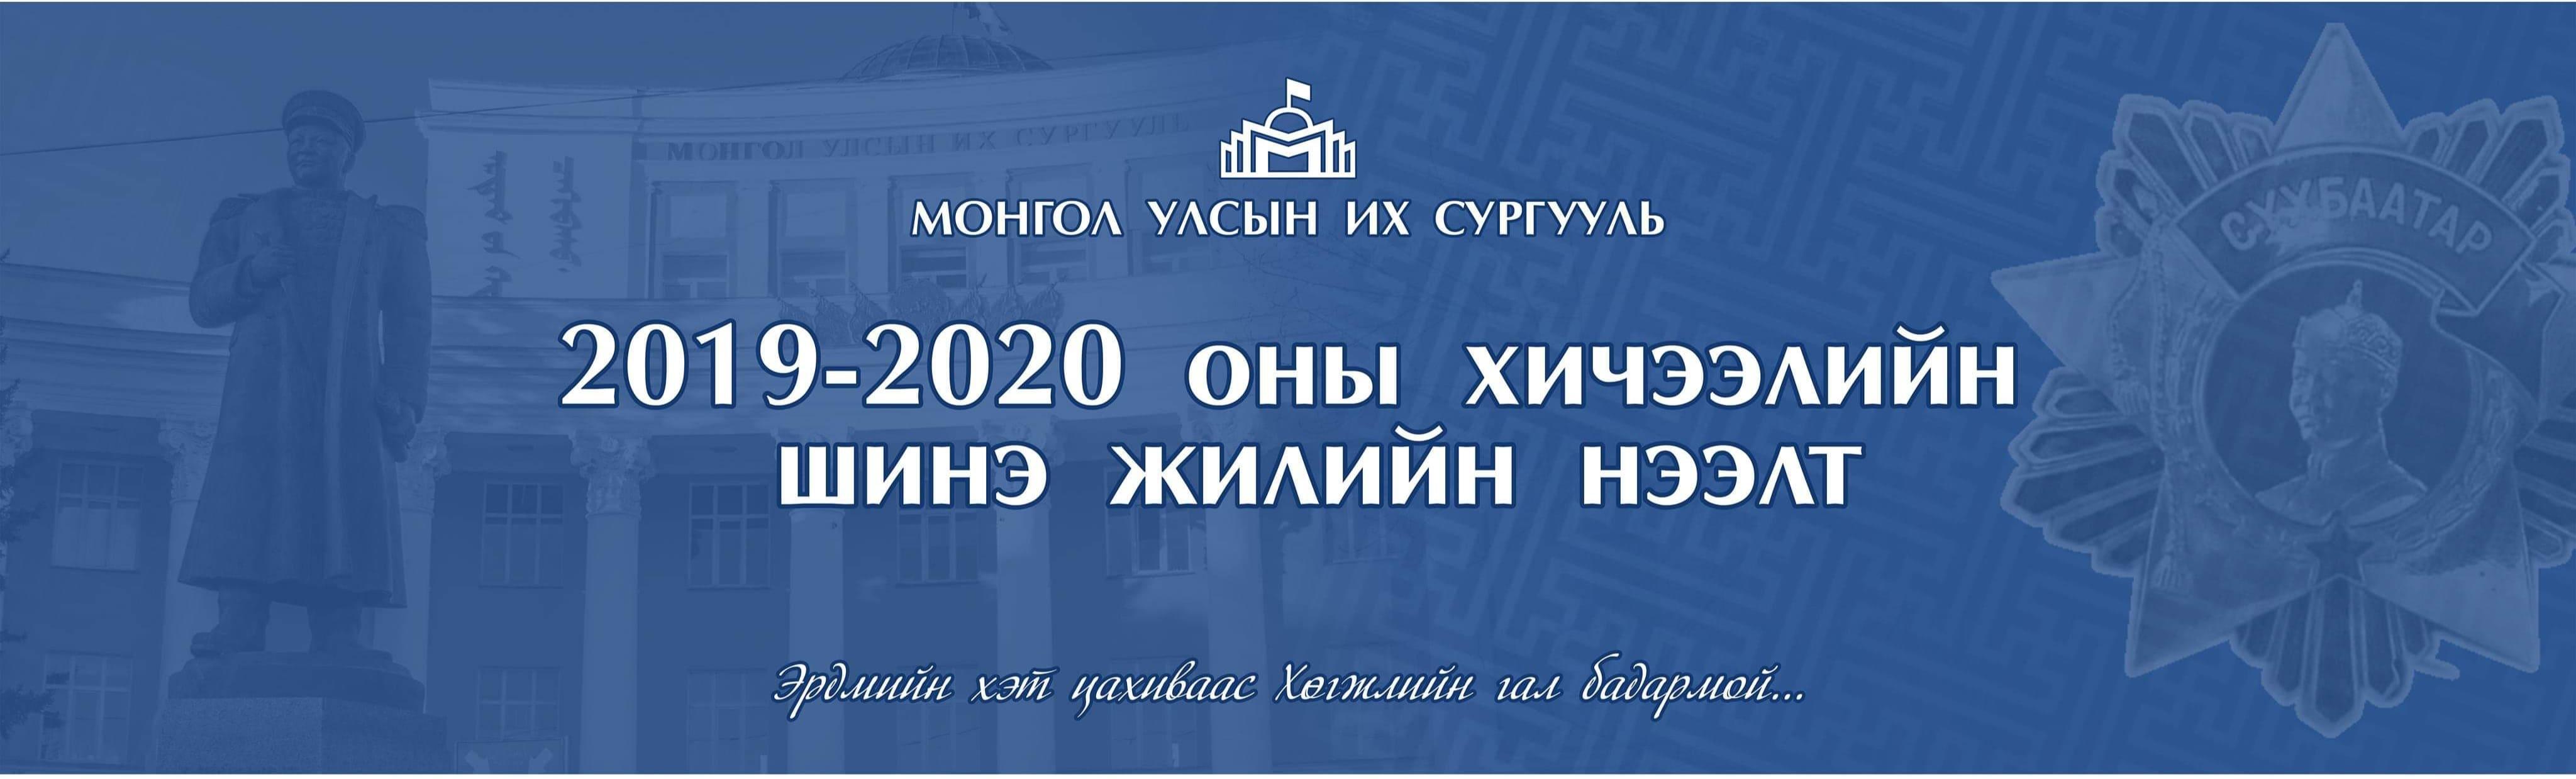 2019-2020 оны хичээлийн шинэ жилийн нээлтийн үйл ажиллагаанд урьж байна